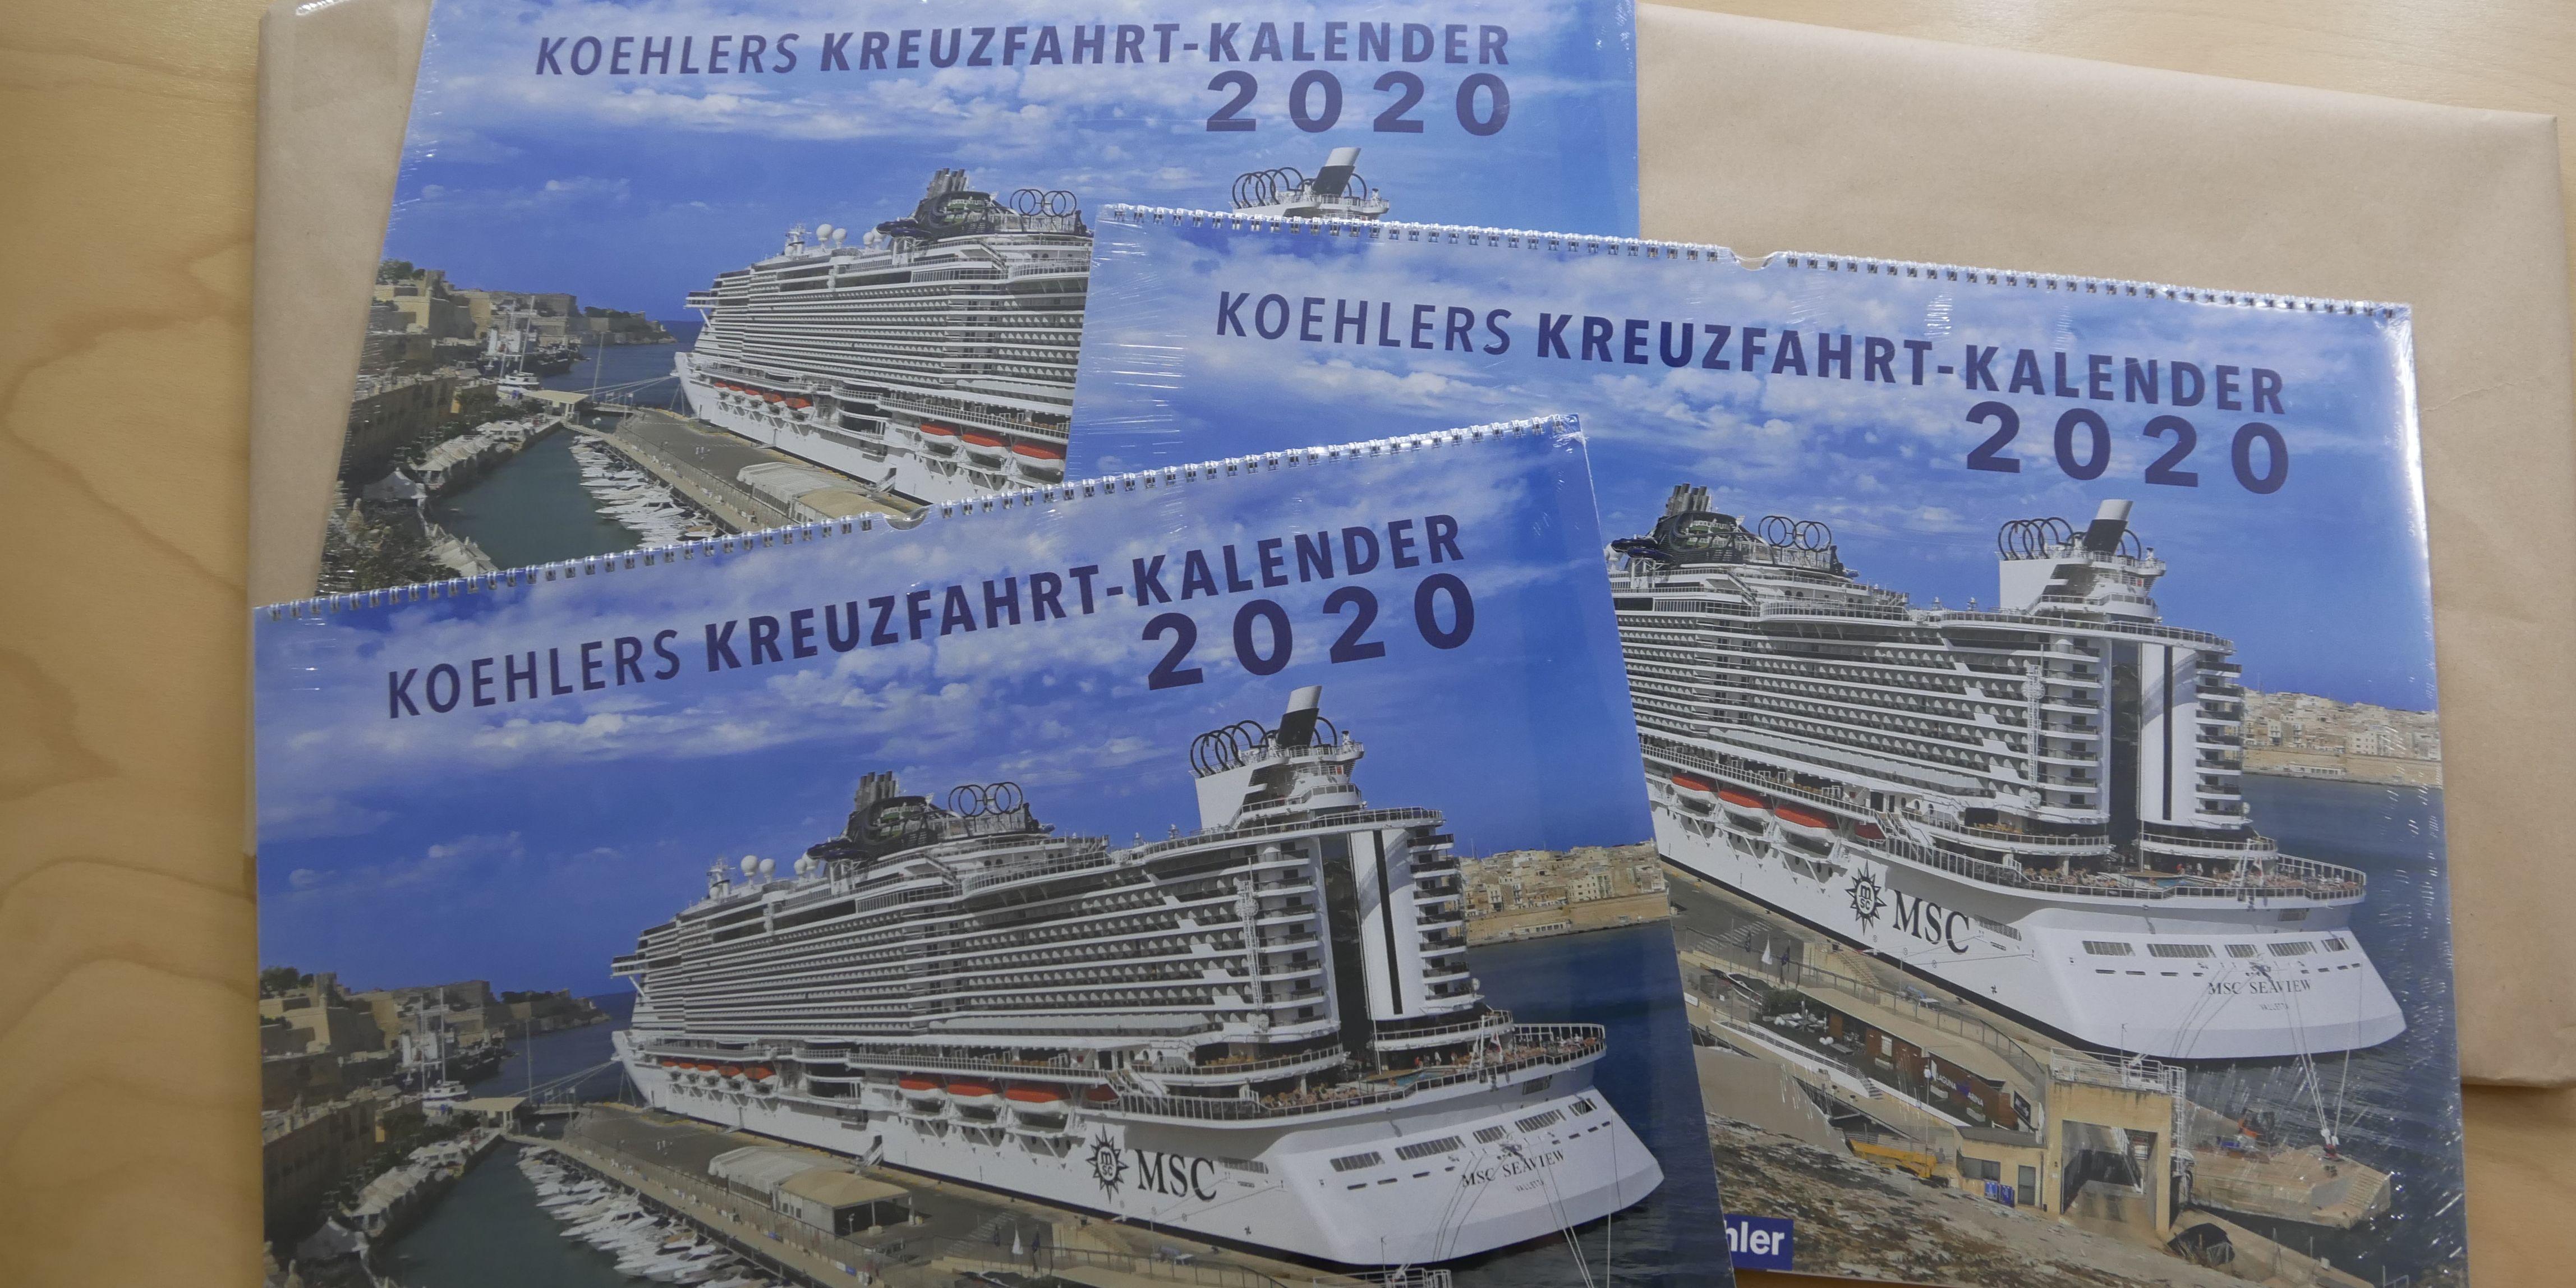 Kreuzfahrt-Kalender